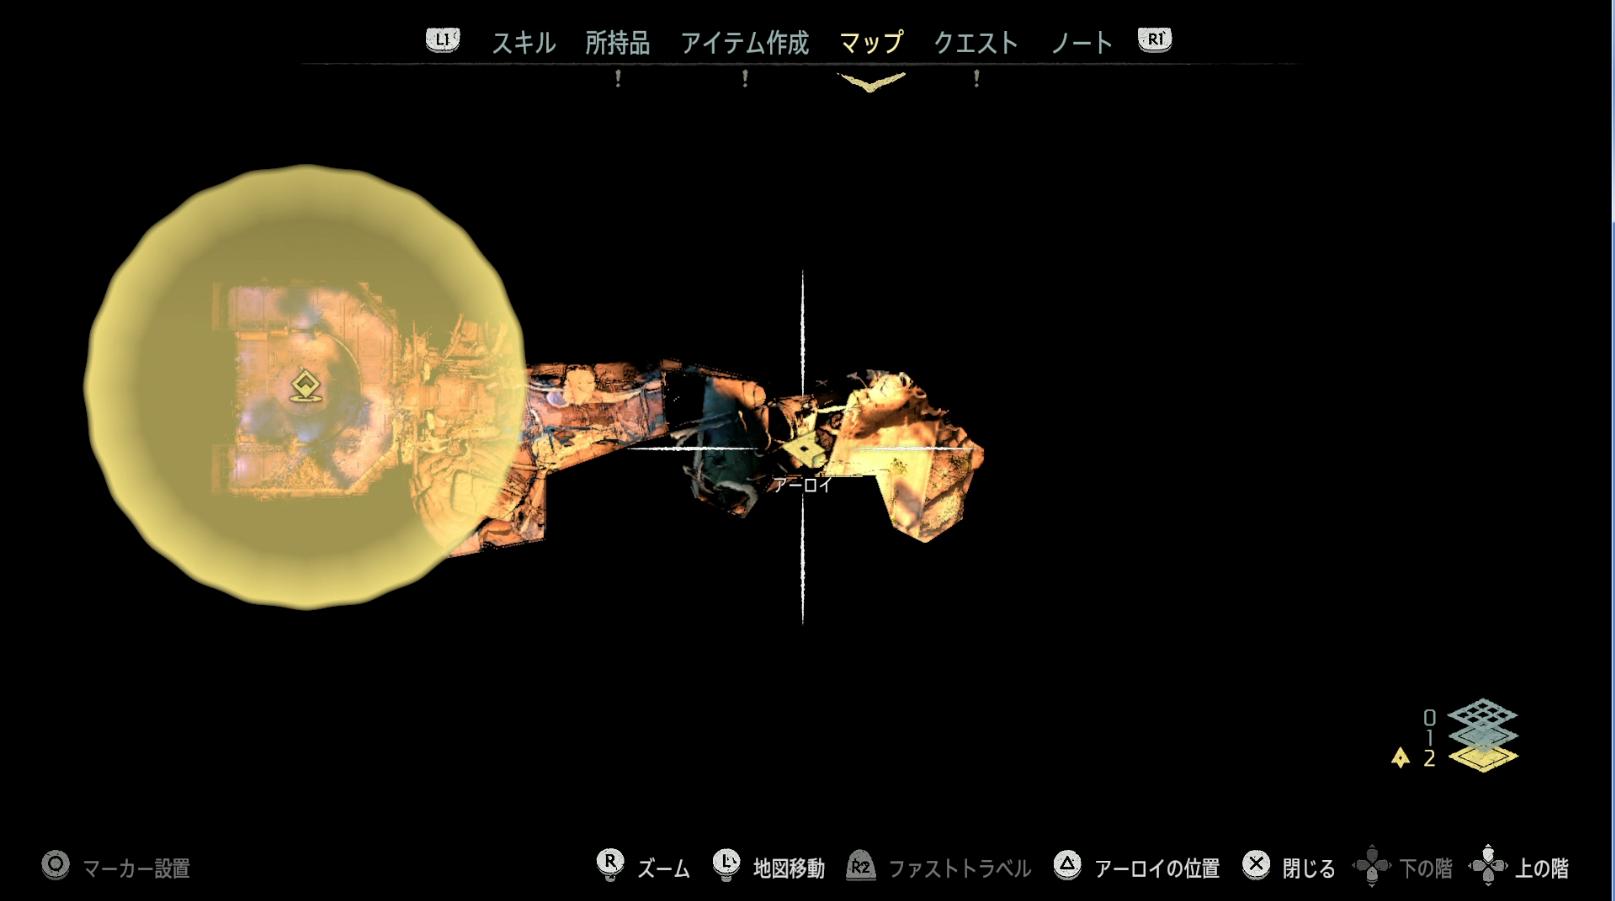 鉄の花マーク1(F)1.png